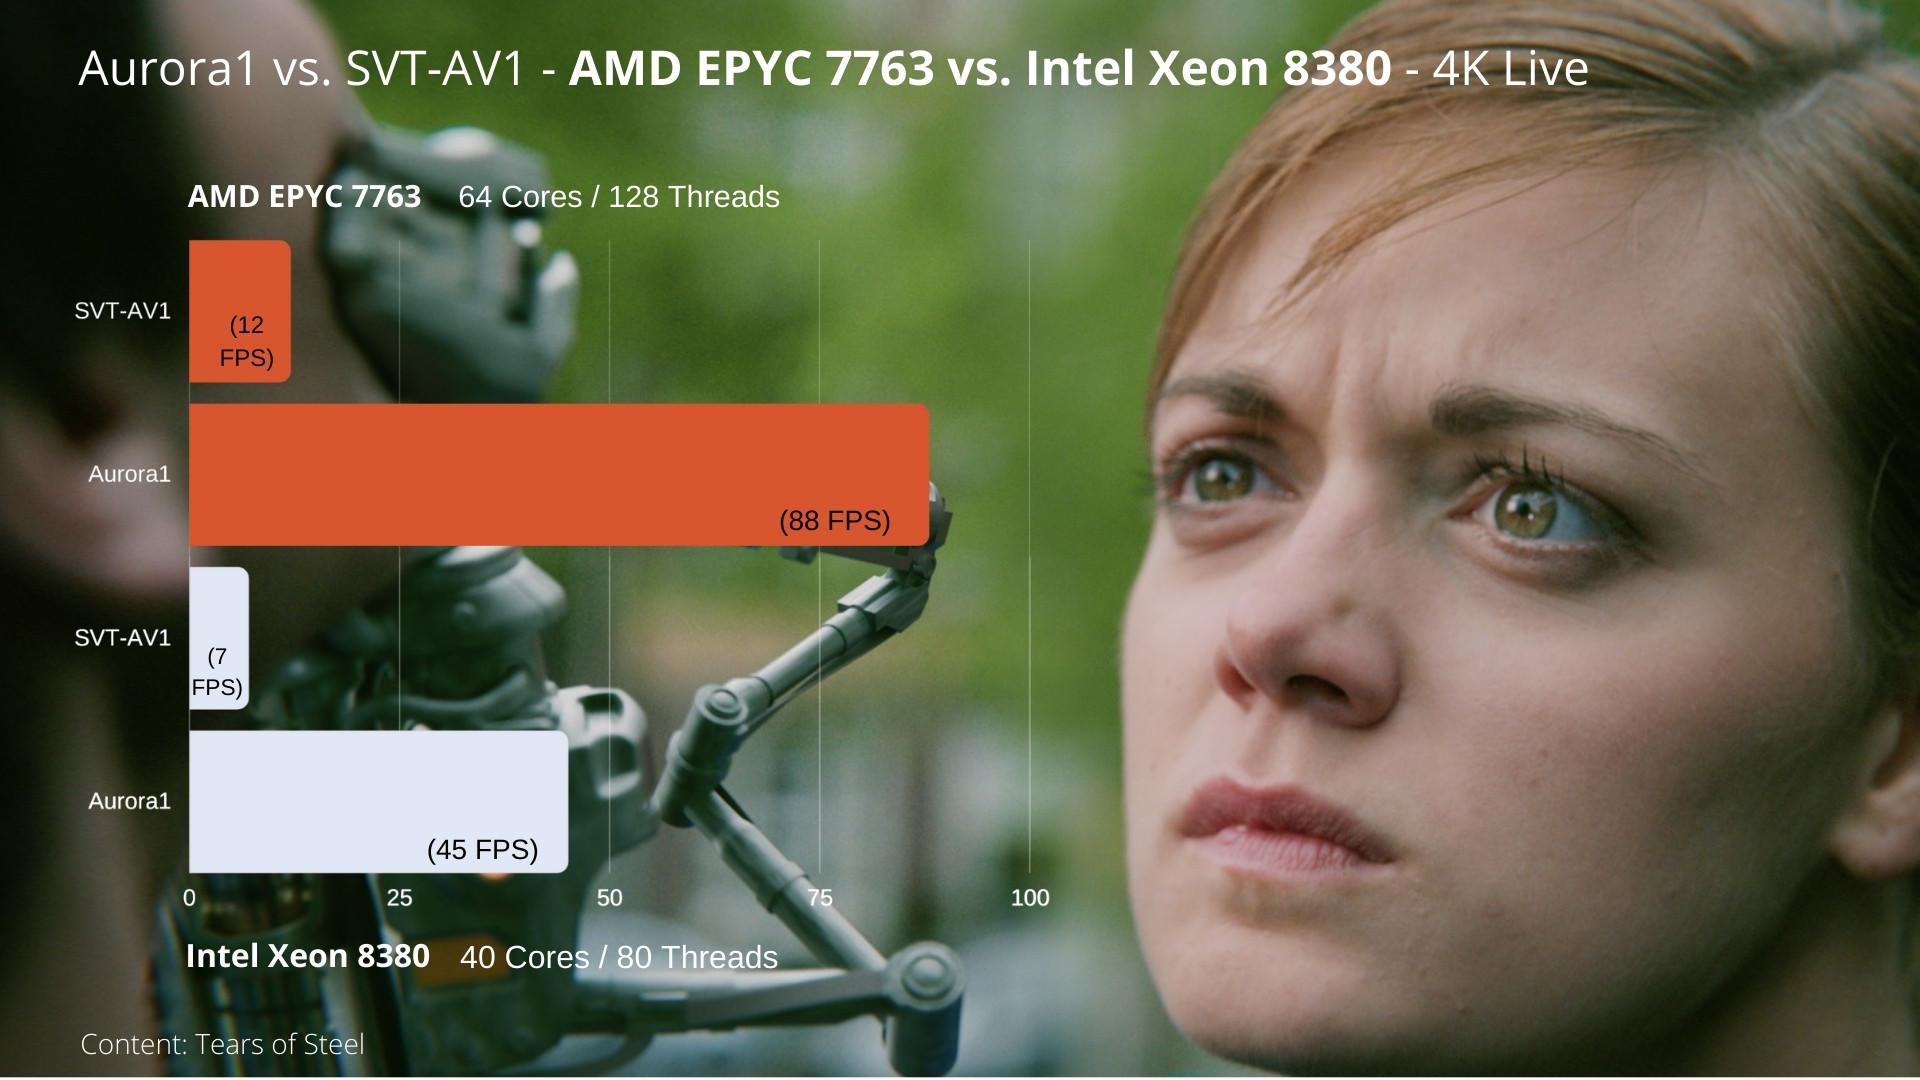 aurora1 vs svt-av1 amd epyc 7763 vs intel xeon 8380 4k live